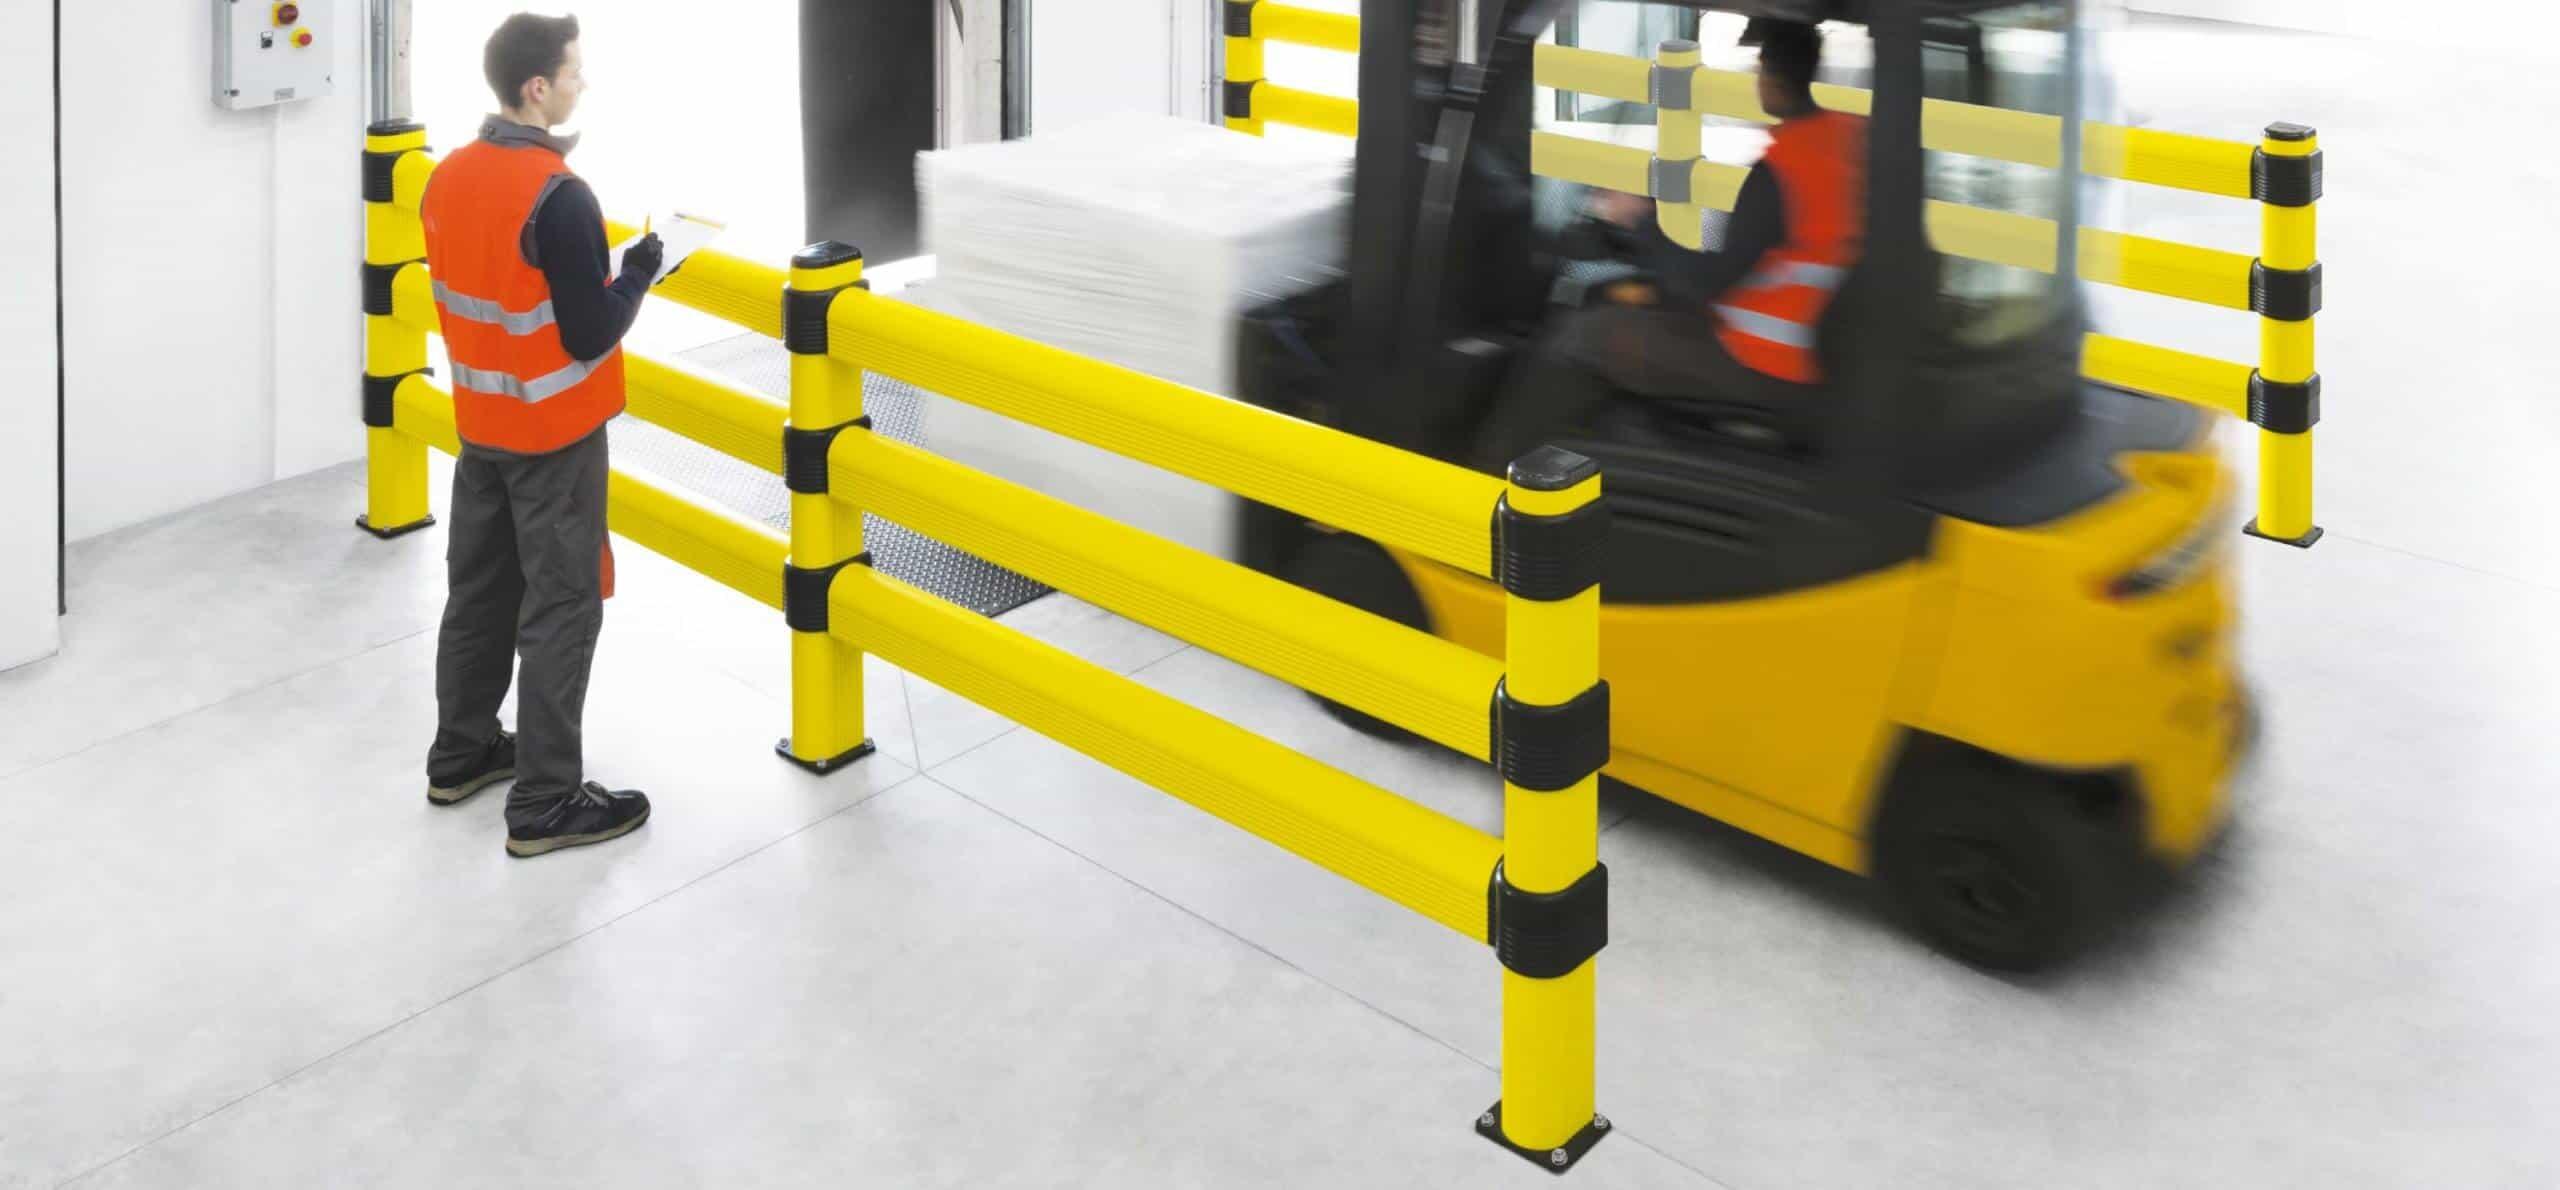 LINK 3 Forklift Barrier